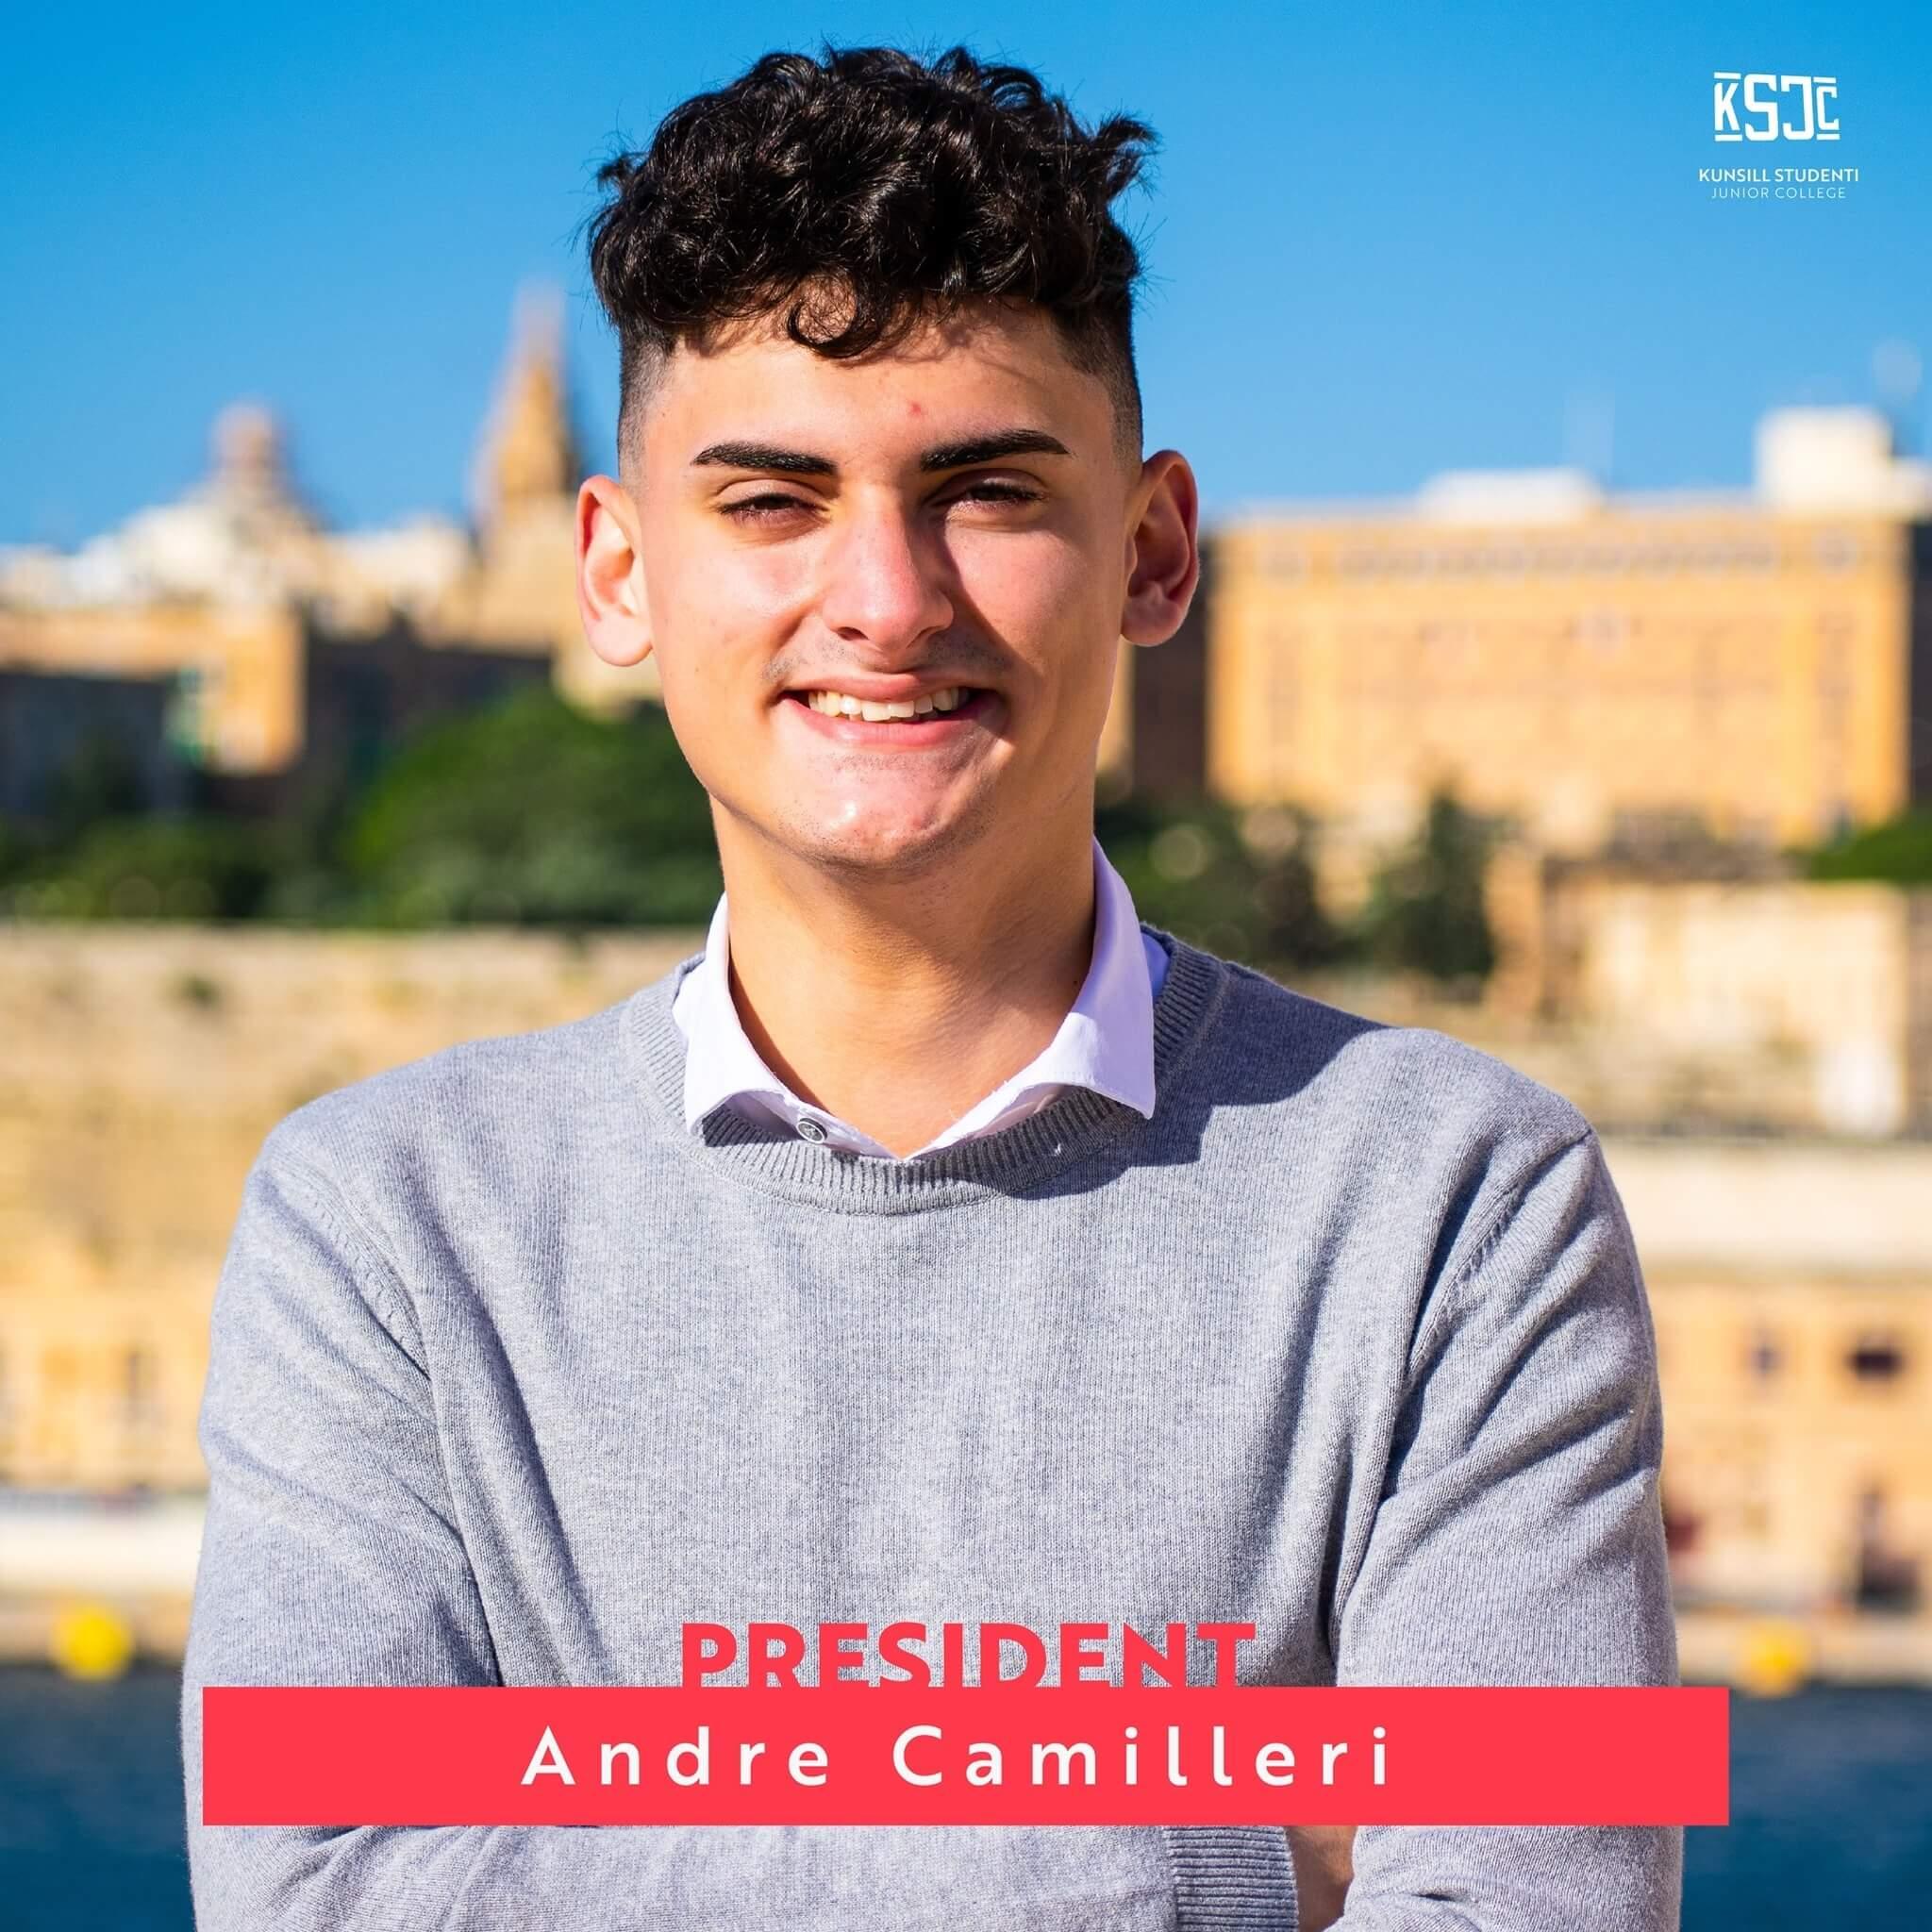 Andre Camilleri